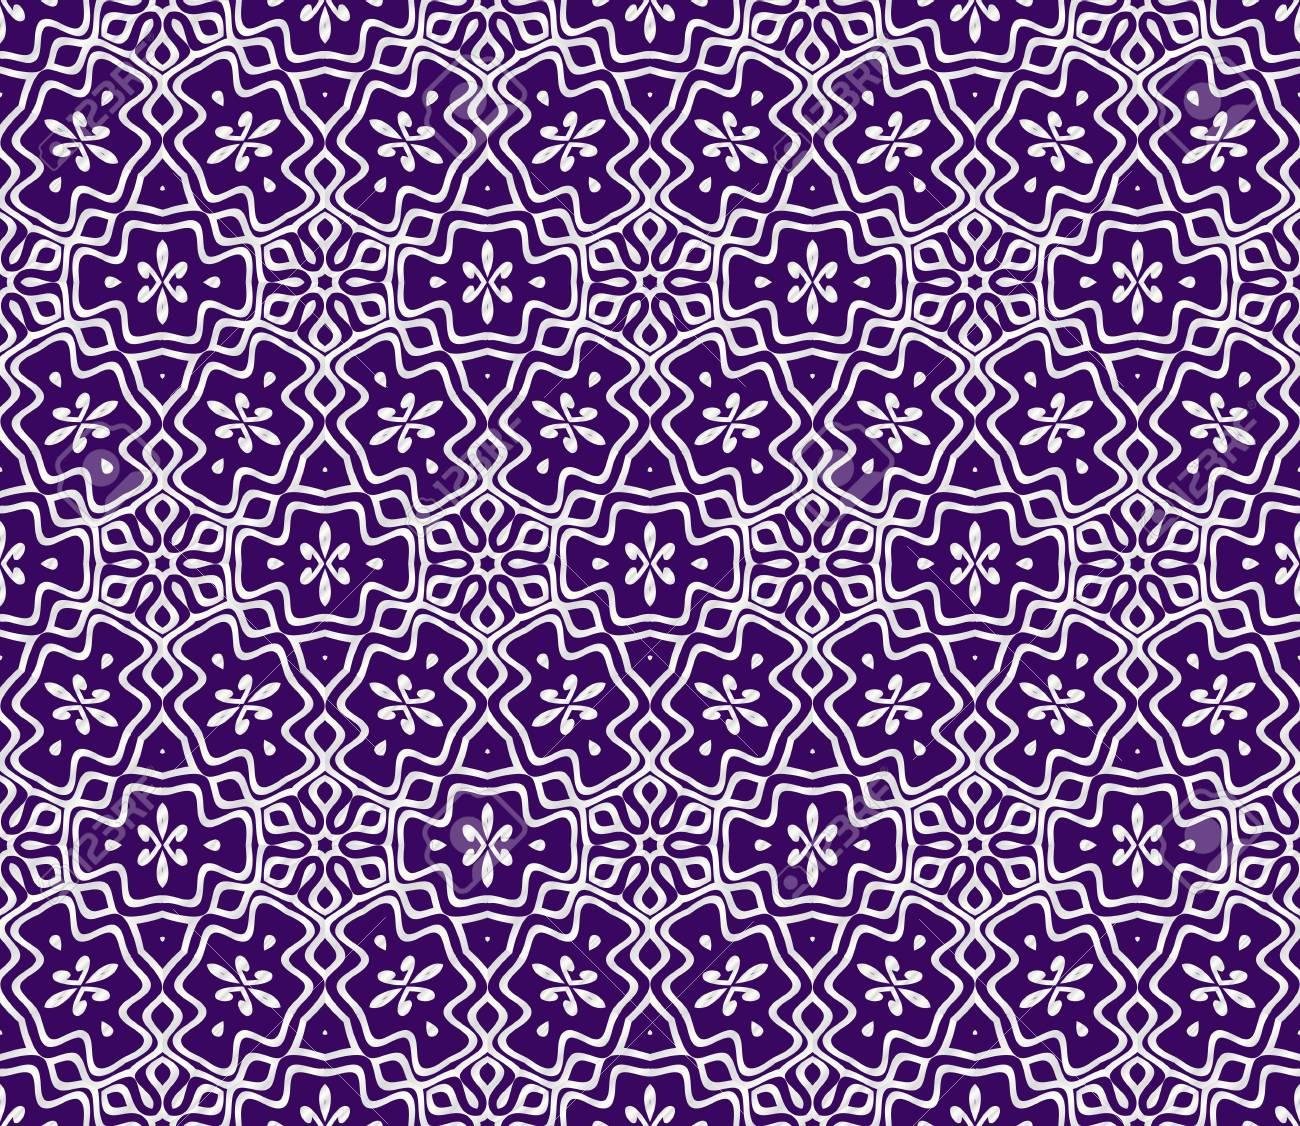 geometric ornament. seamless art-deco pattern. Color vector illustration. for design, wallpaper, invitation. Purple, silver color - 111794856